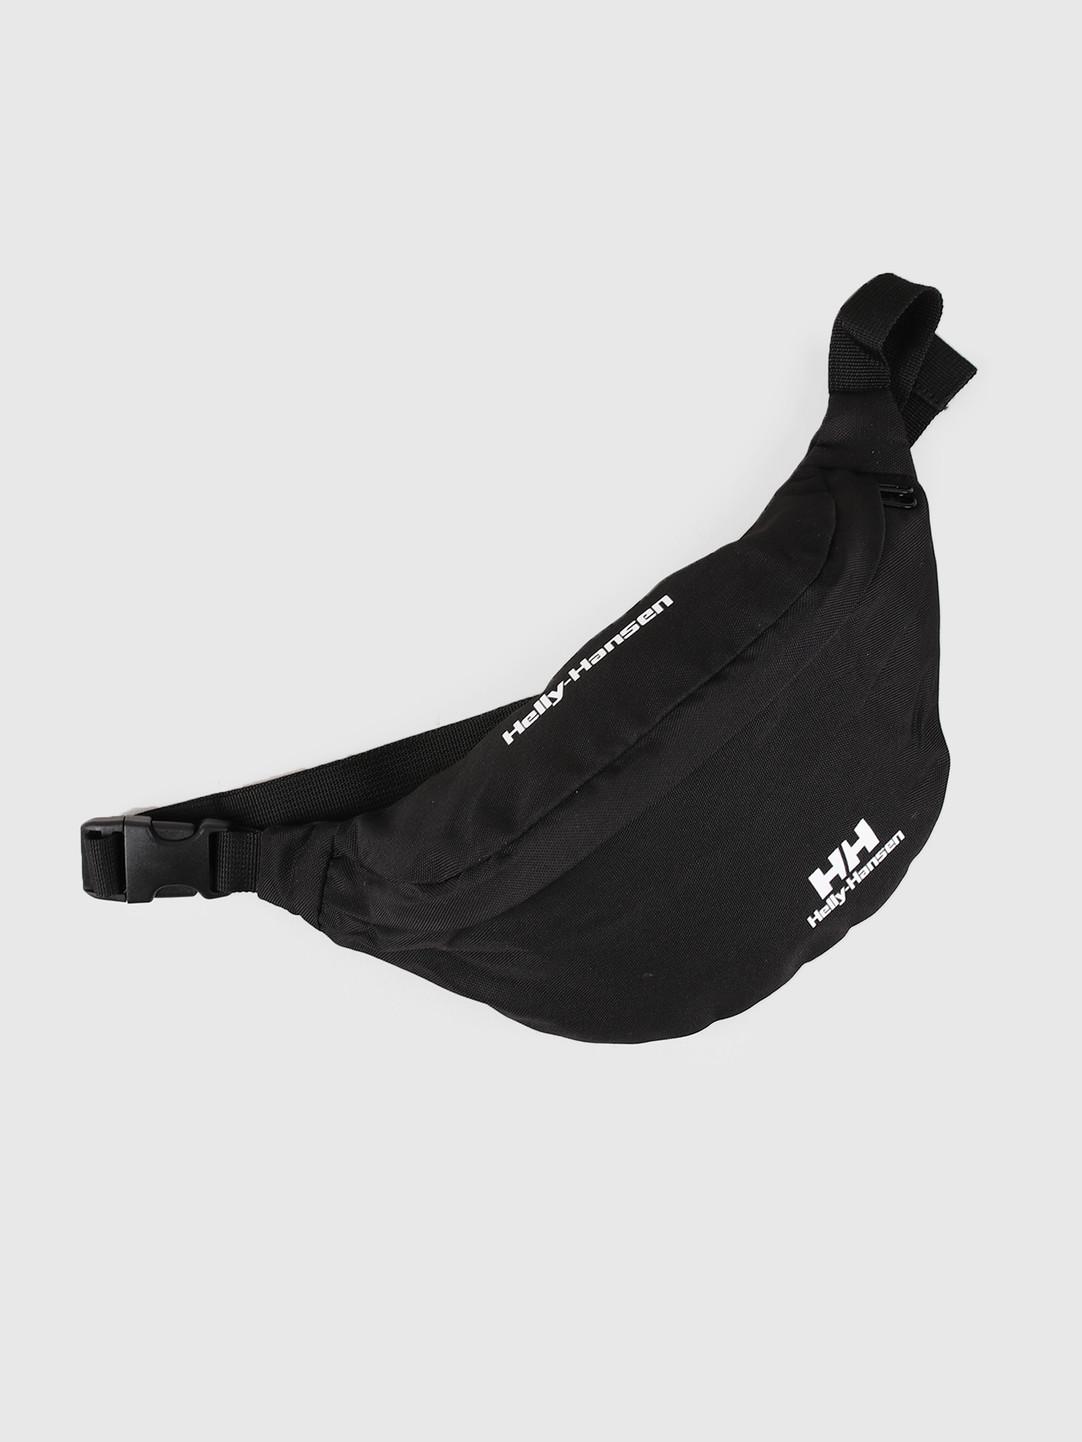 Helly Hansen Helly Hansen HH Urban Bum Bag 2.0 990 Black 29852990